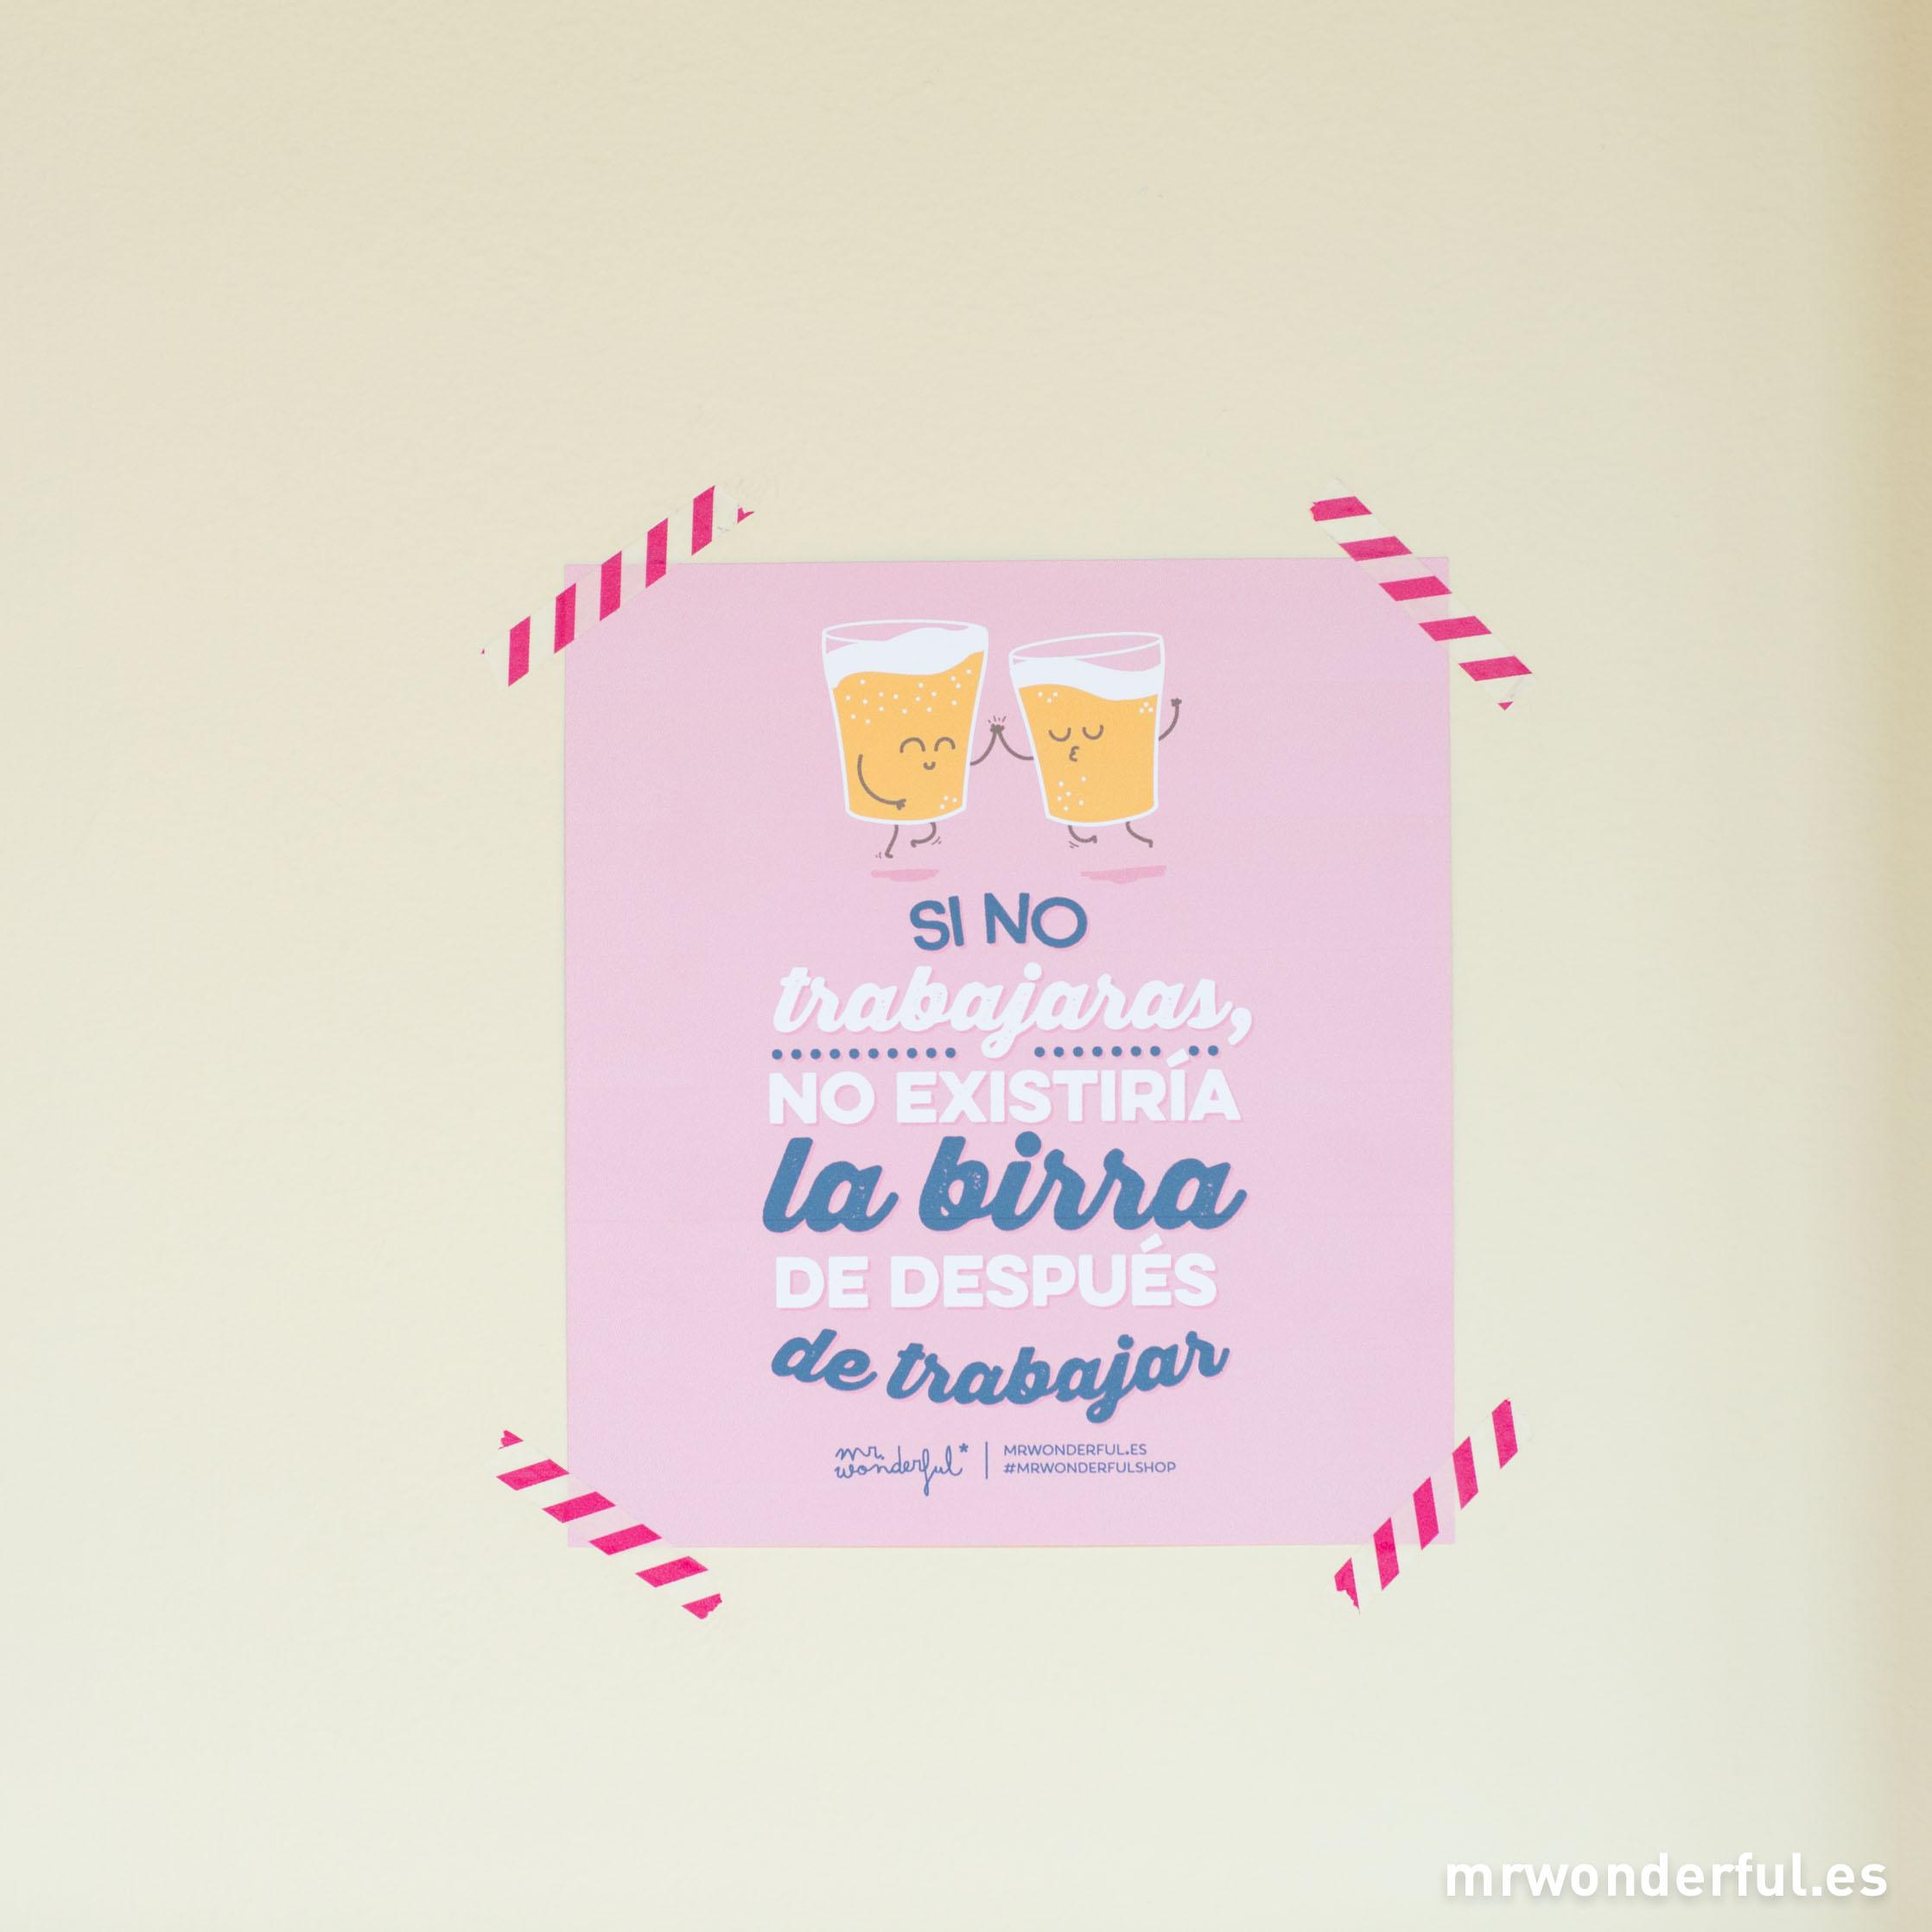 mrwonderful_descargable-cerveza-2015-18